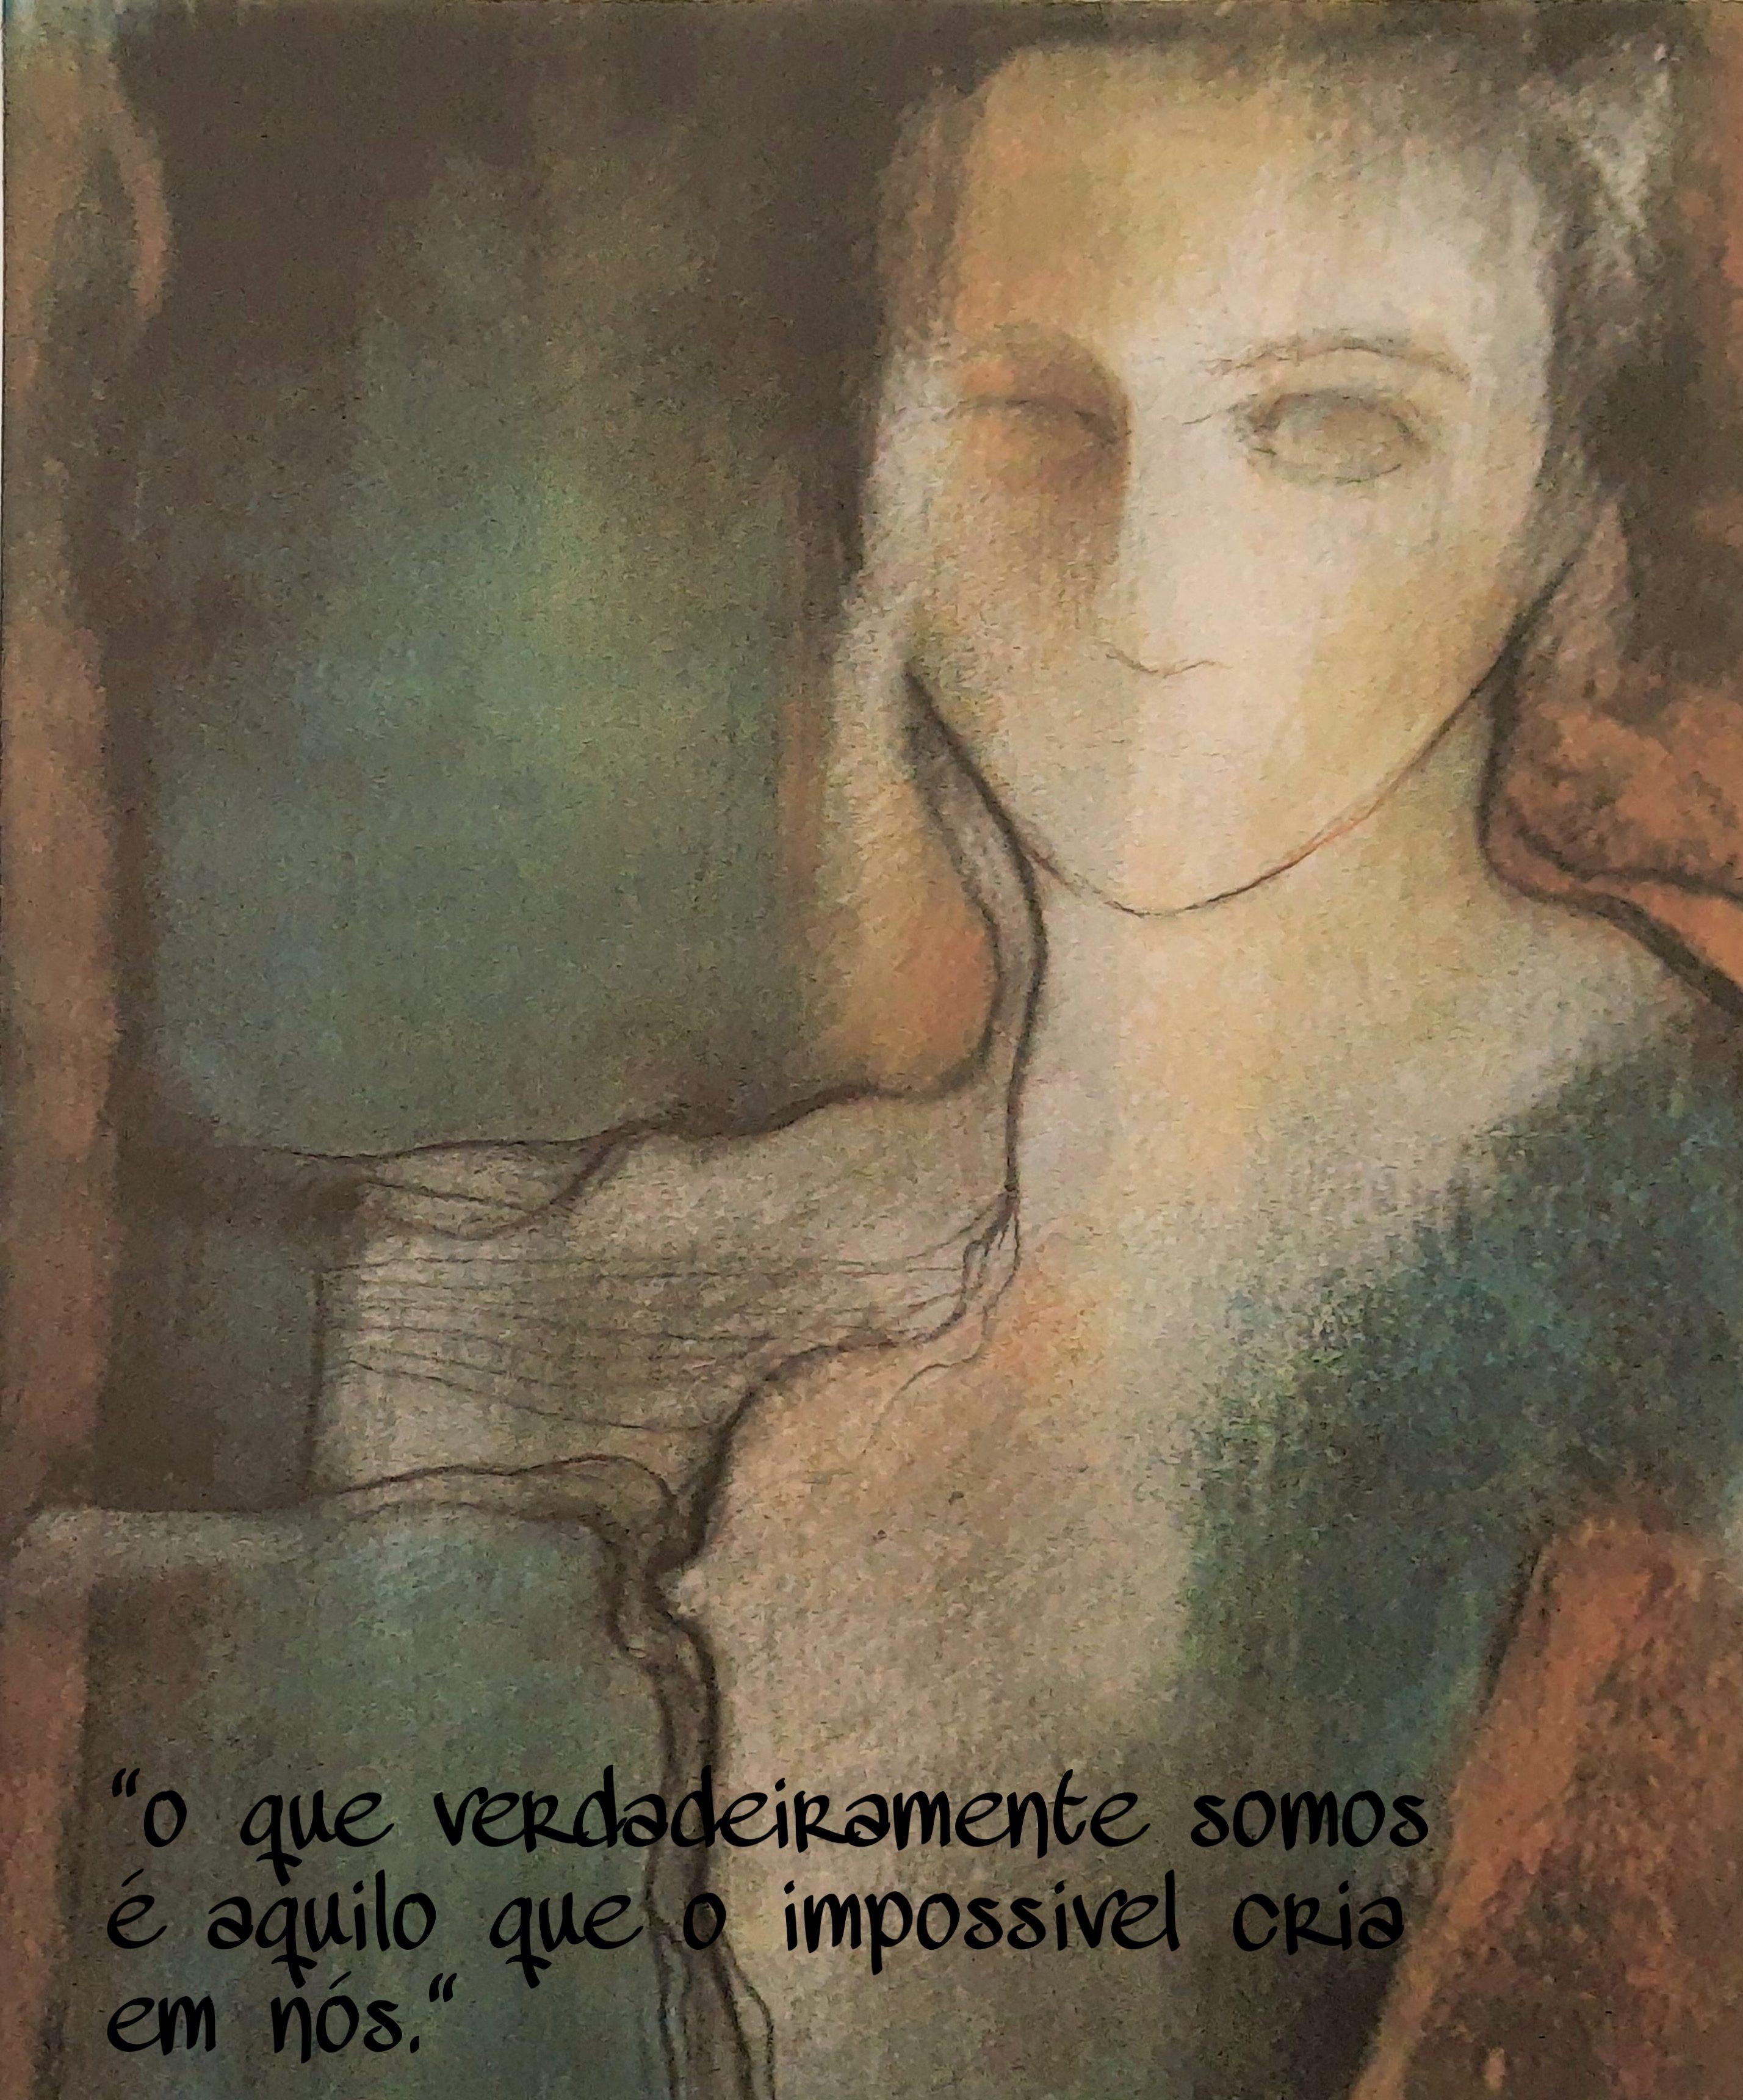 Pintura de mulher com rosto um tanto abstrato